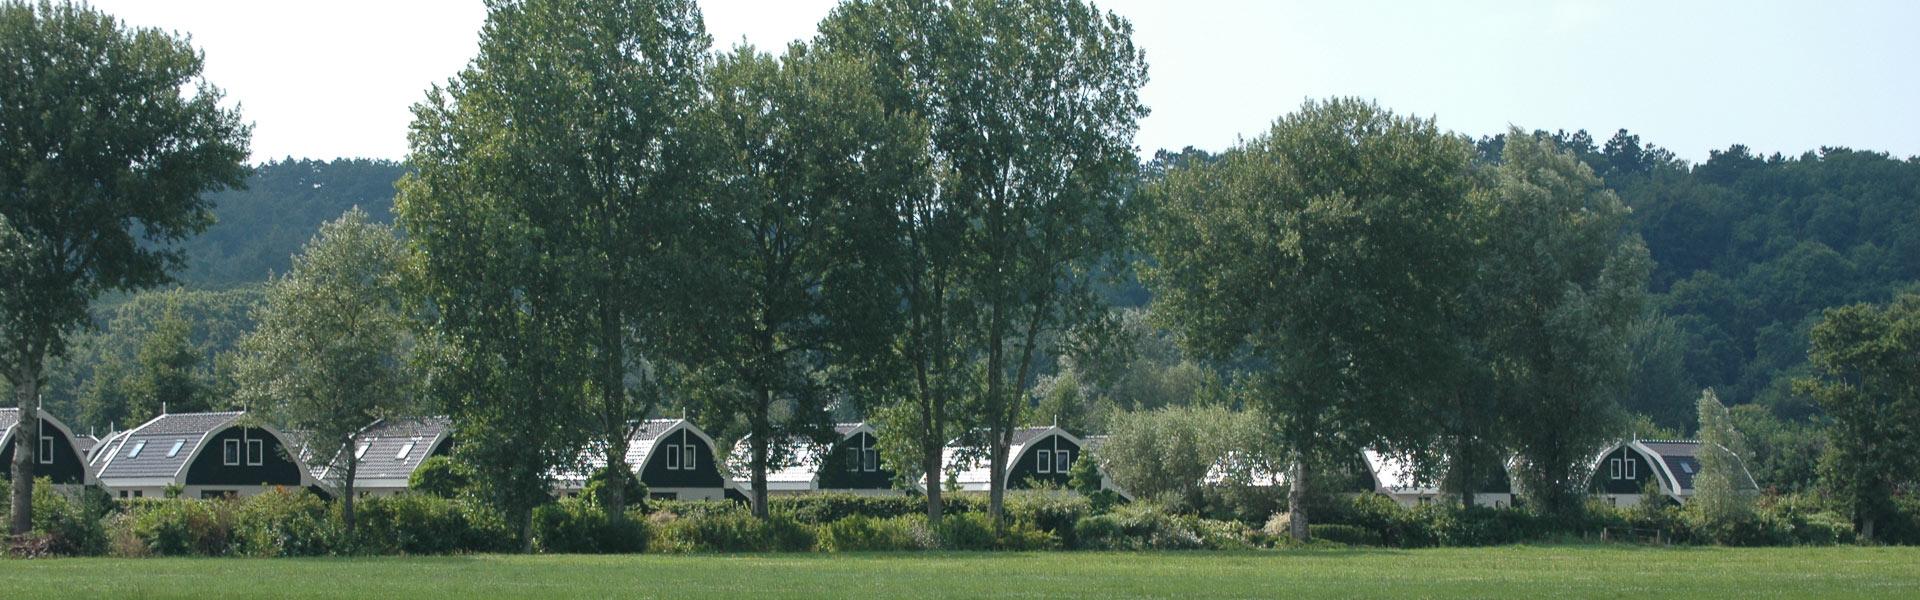 huurt u onze prachtige vakantiewoning in Schoorl!